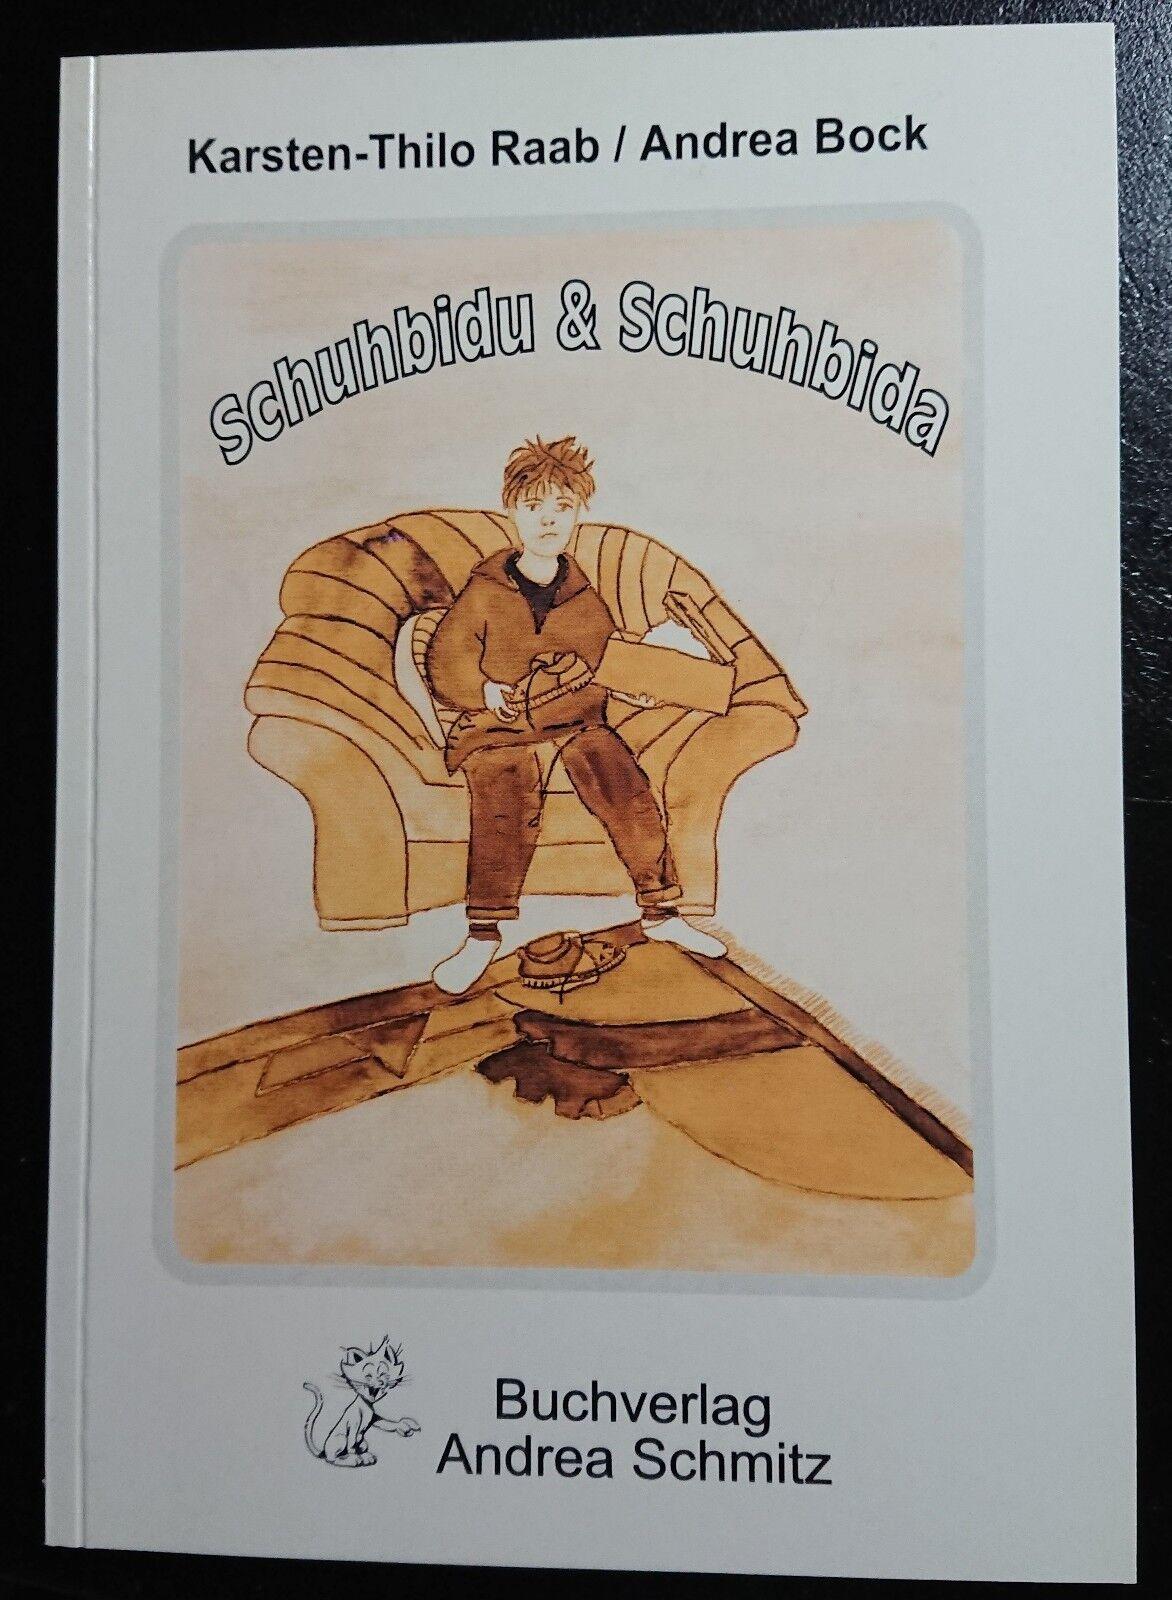 Schuhbidu & Schuhbida --- Kinderbuch ab 6 Jahren --- Über Konsum und Mobbing